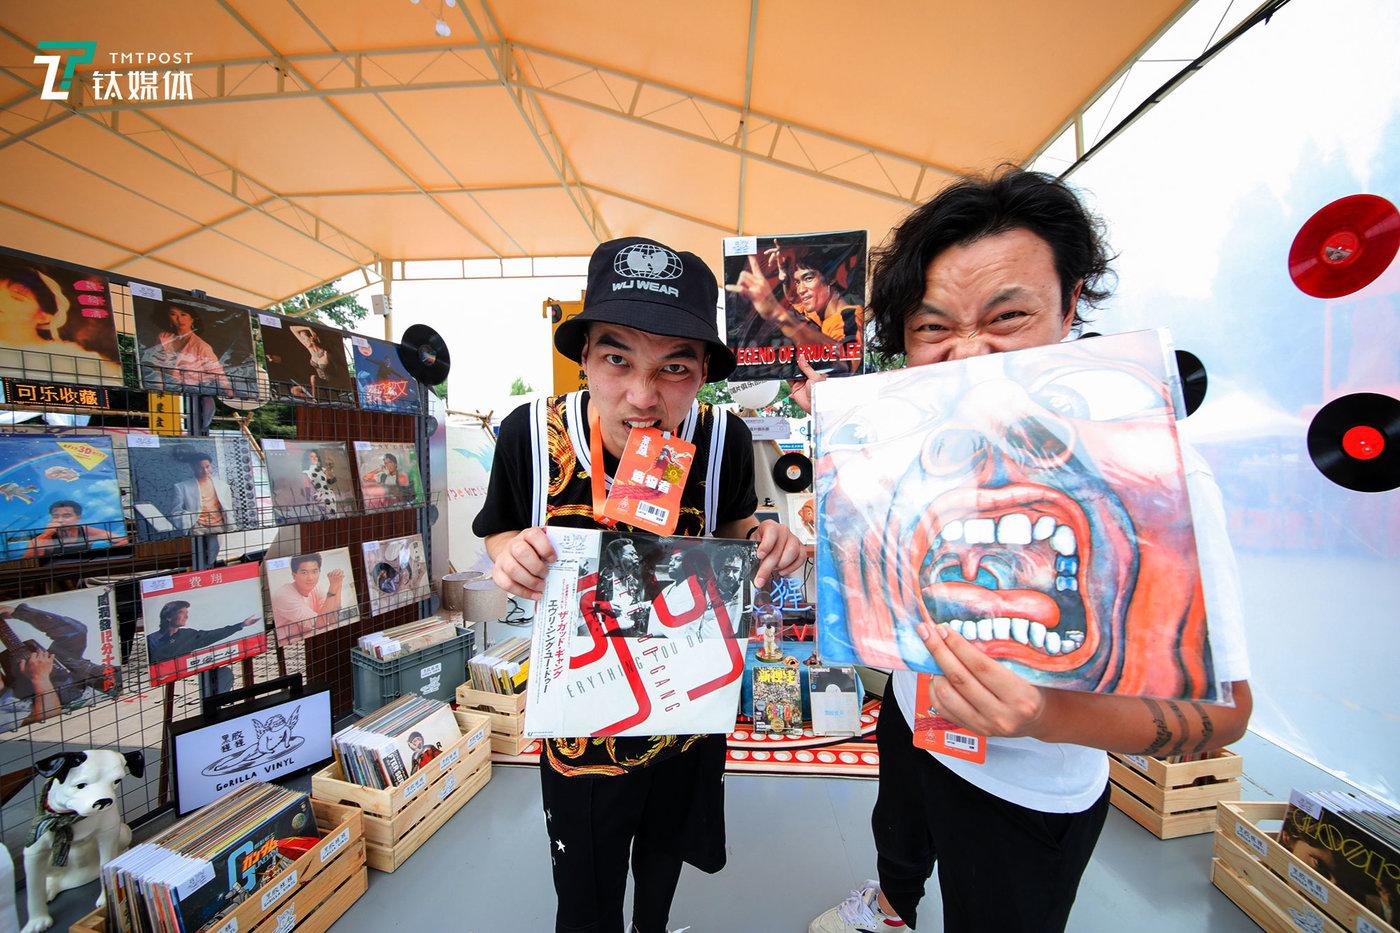 这次造物节有200位造物者带来了他们的藏品和创意商品。